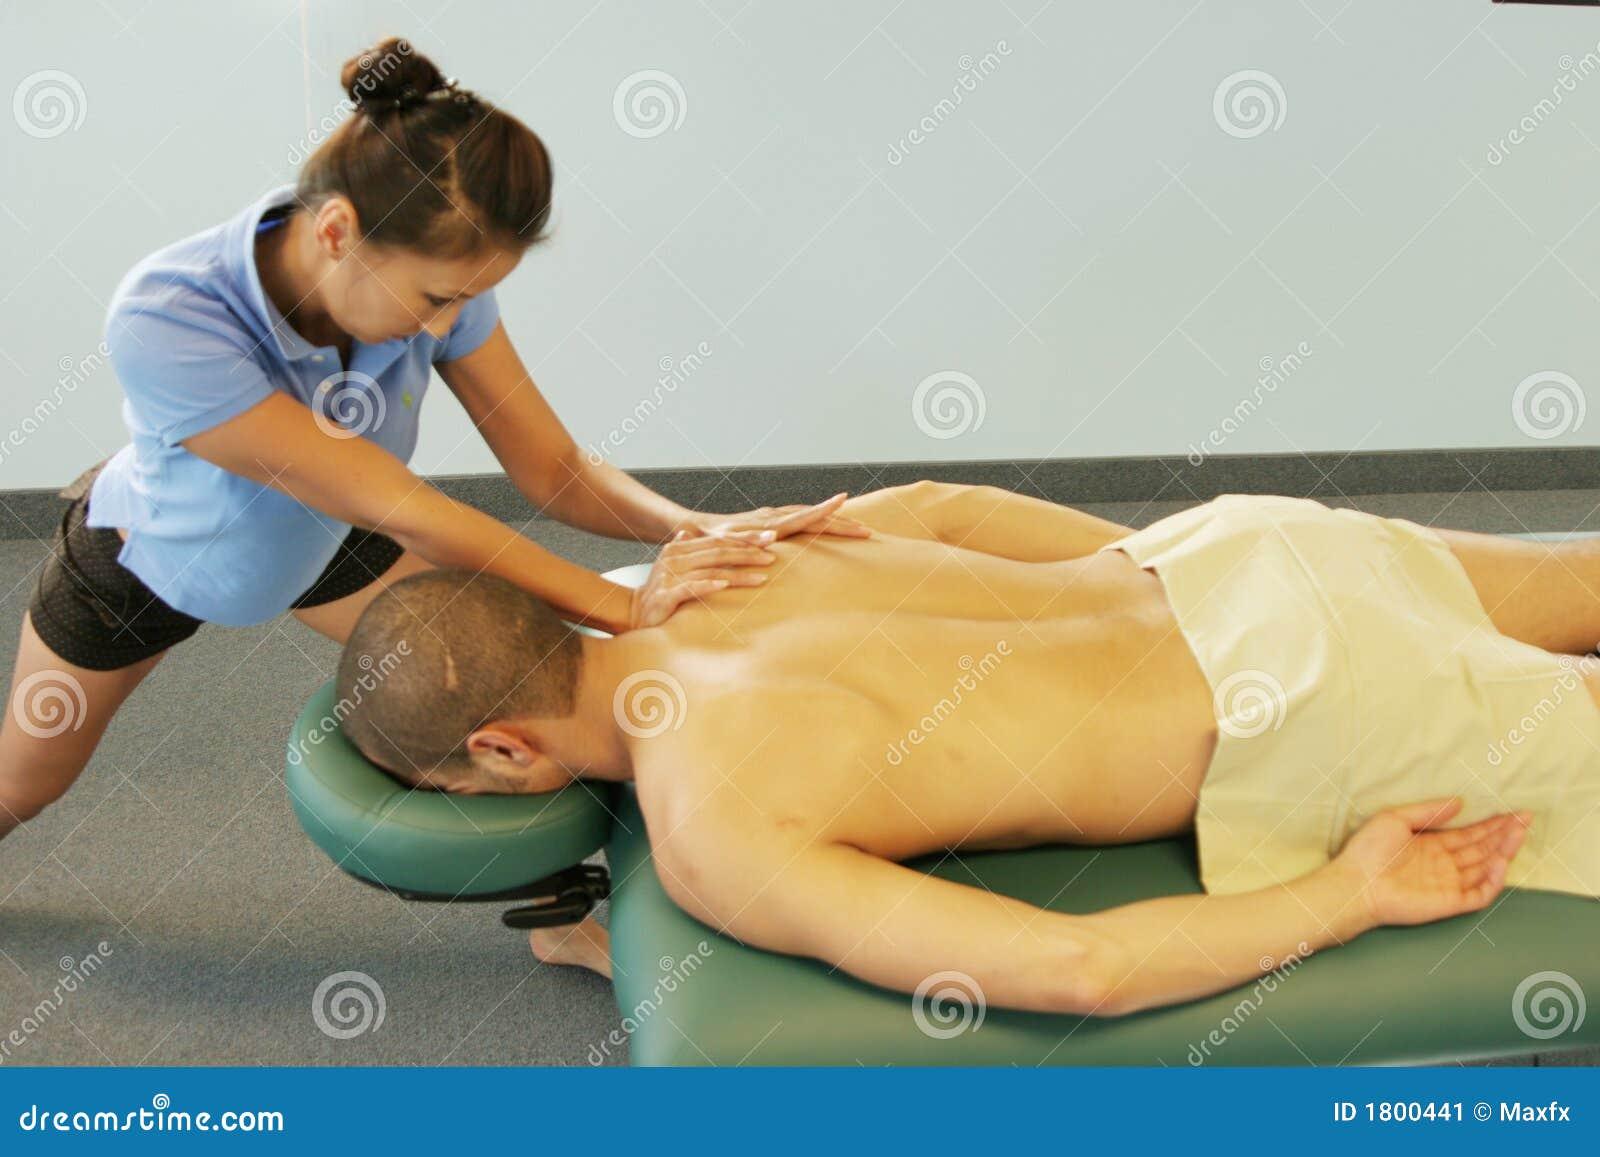 Massagetherapie - Therapeut, der rückseitige Massage gibt